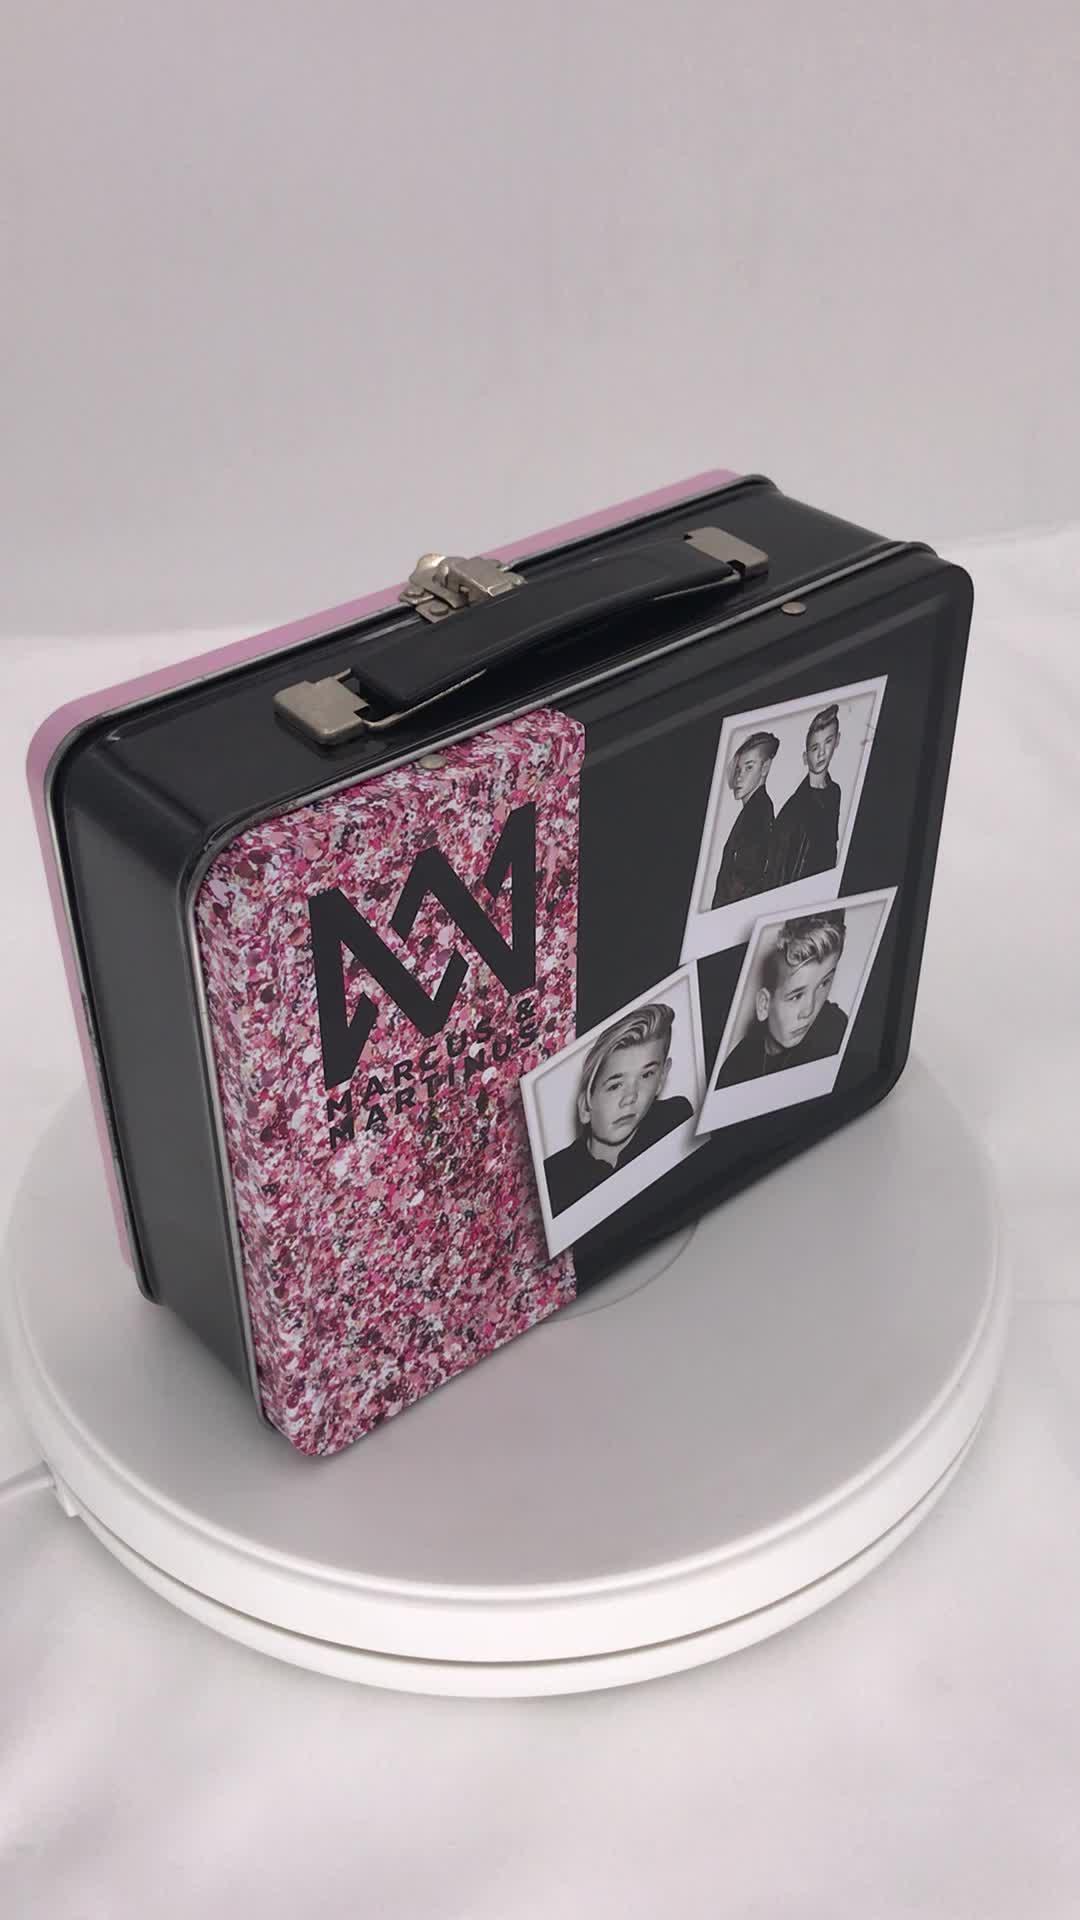 长方手挽午餐盒包装铁盒 铁皮盒 马口铁午餐盒铁盒 数据线包装盒